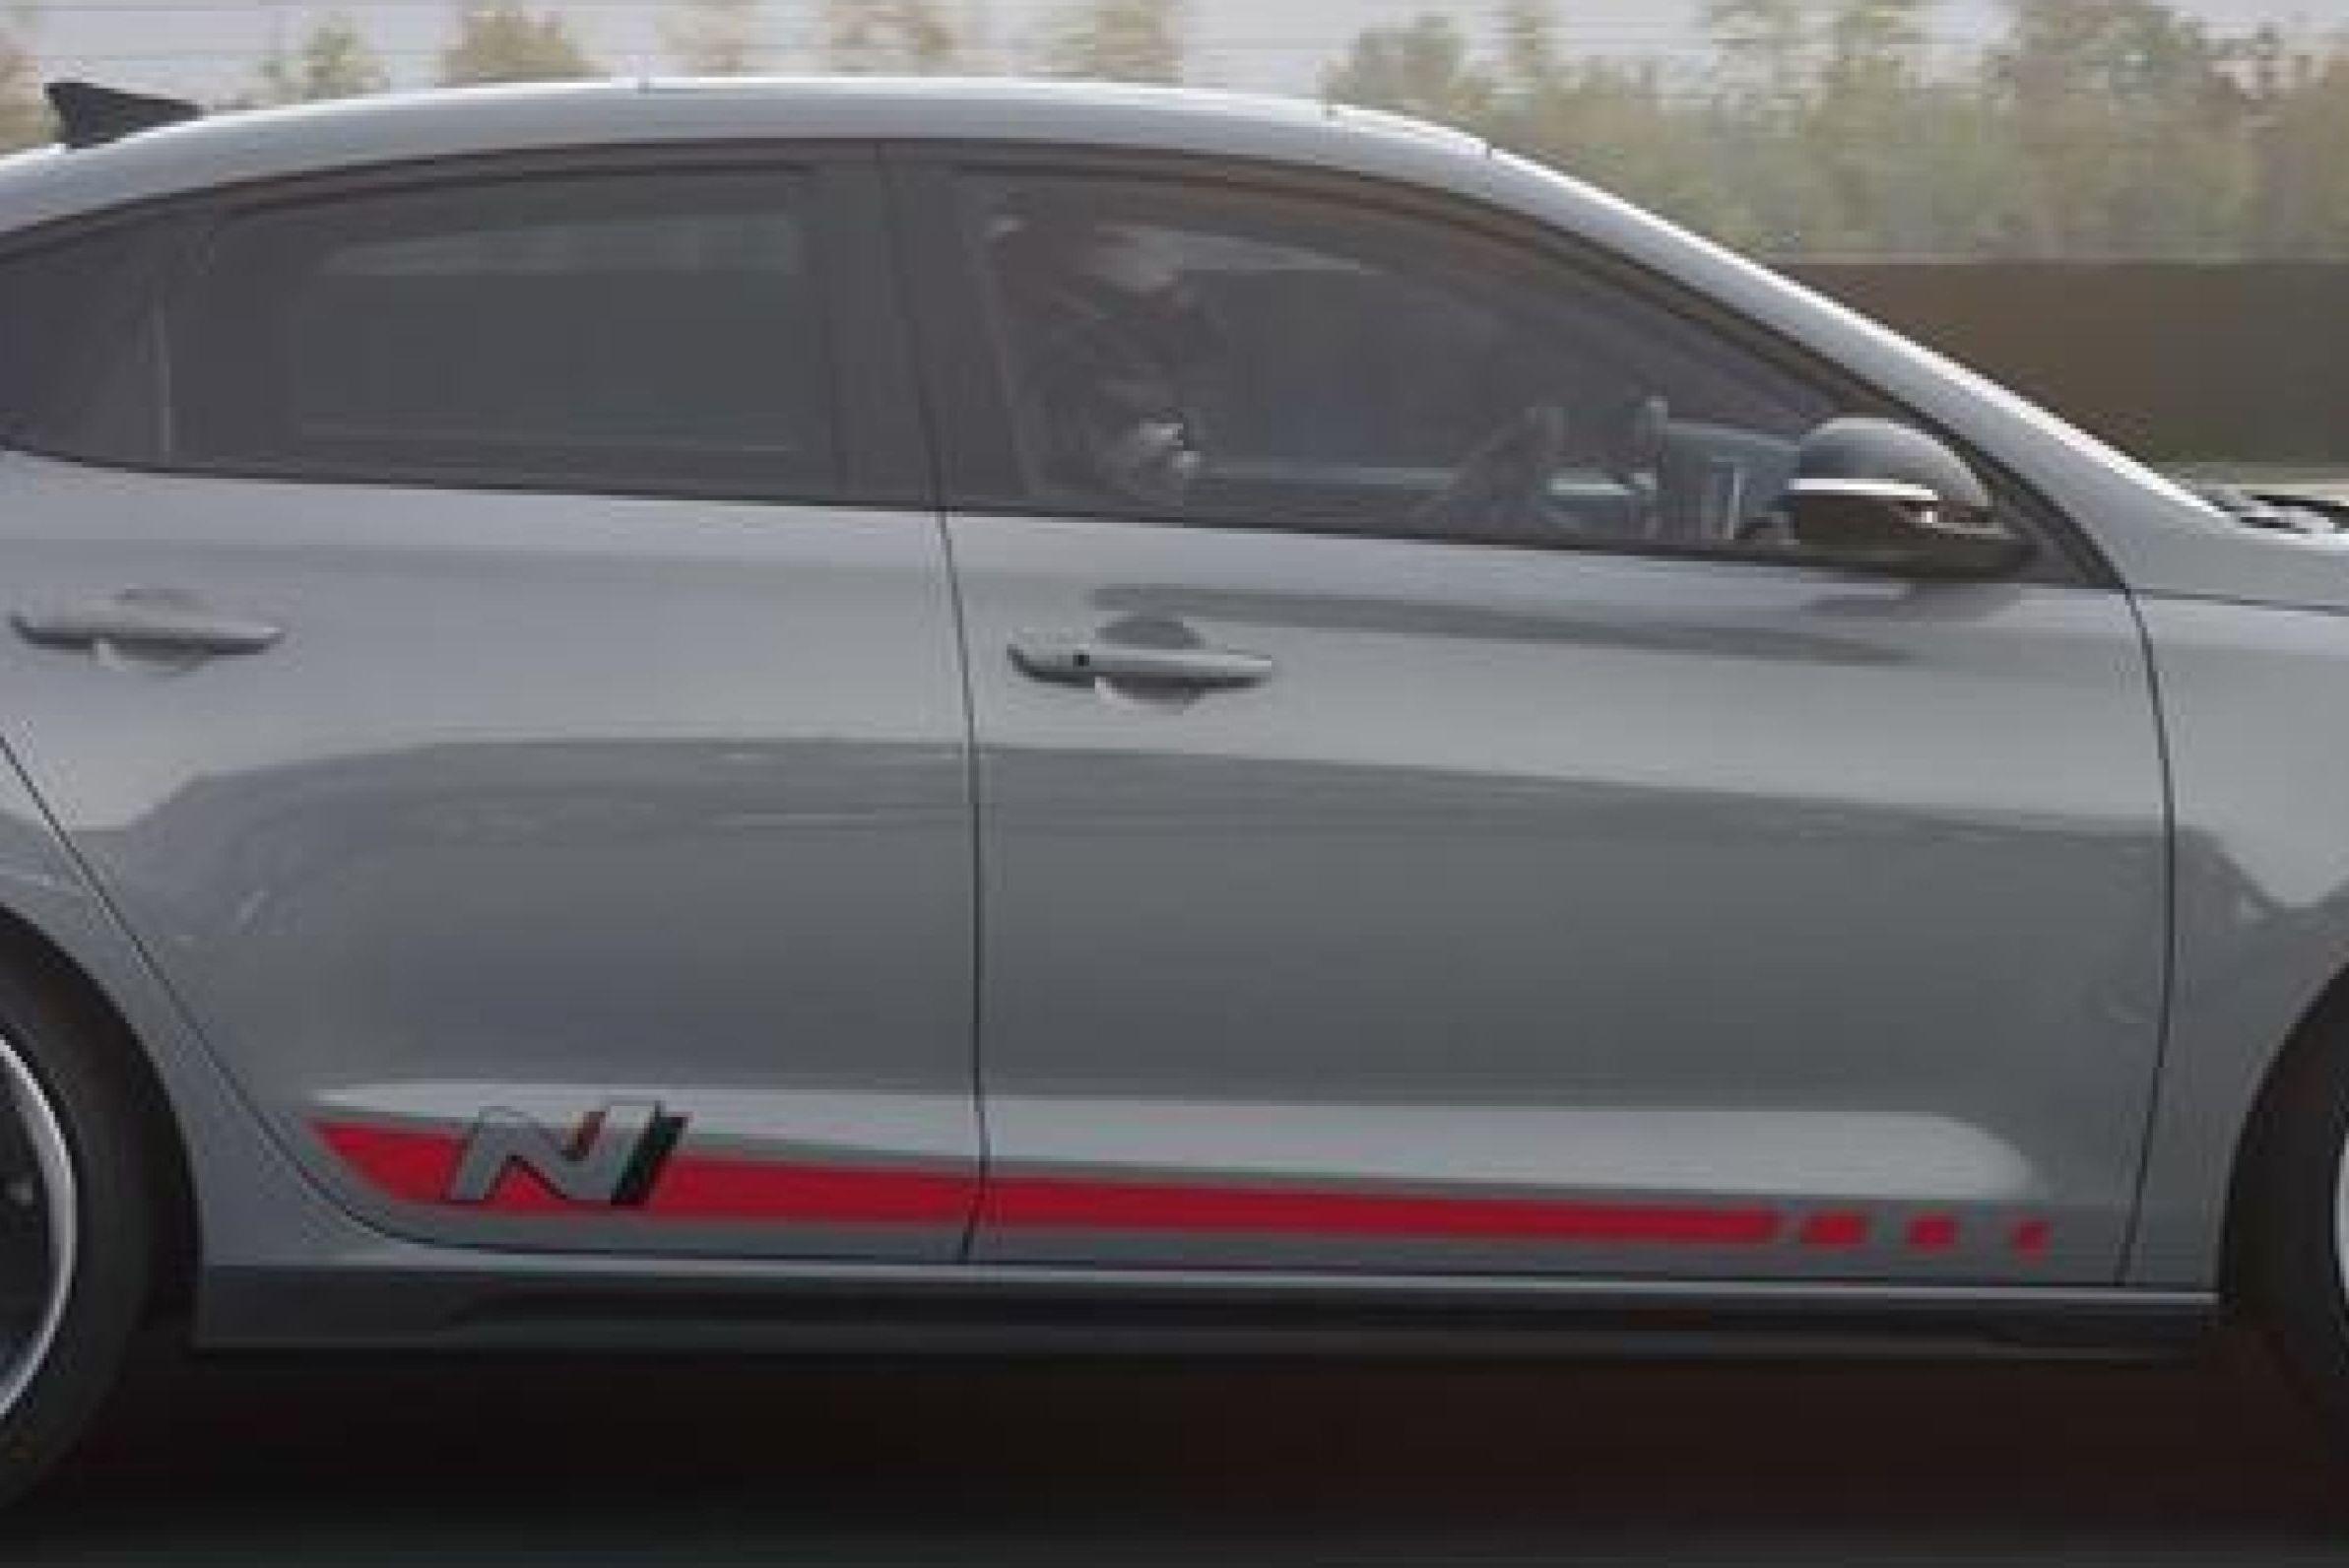 N-Dekor i10 Fastback, Hyundai